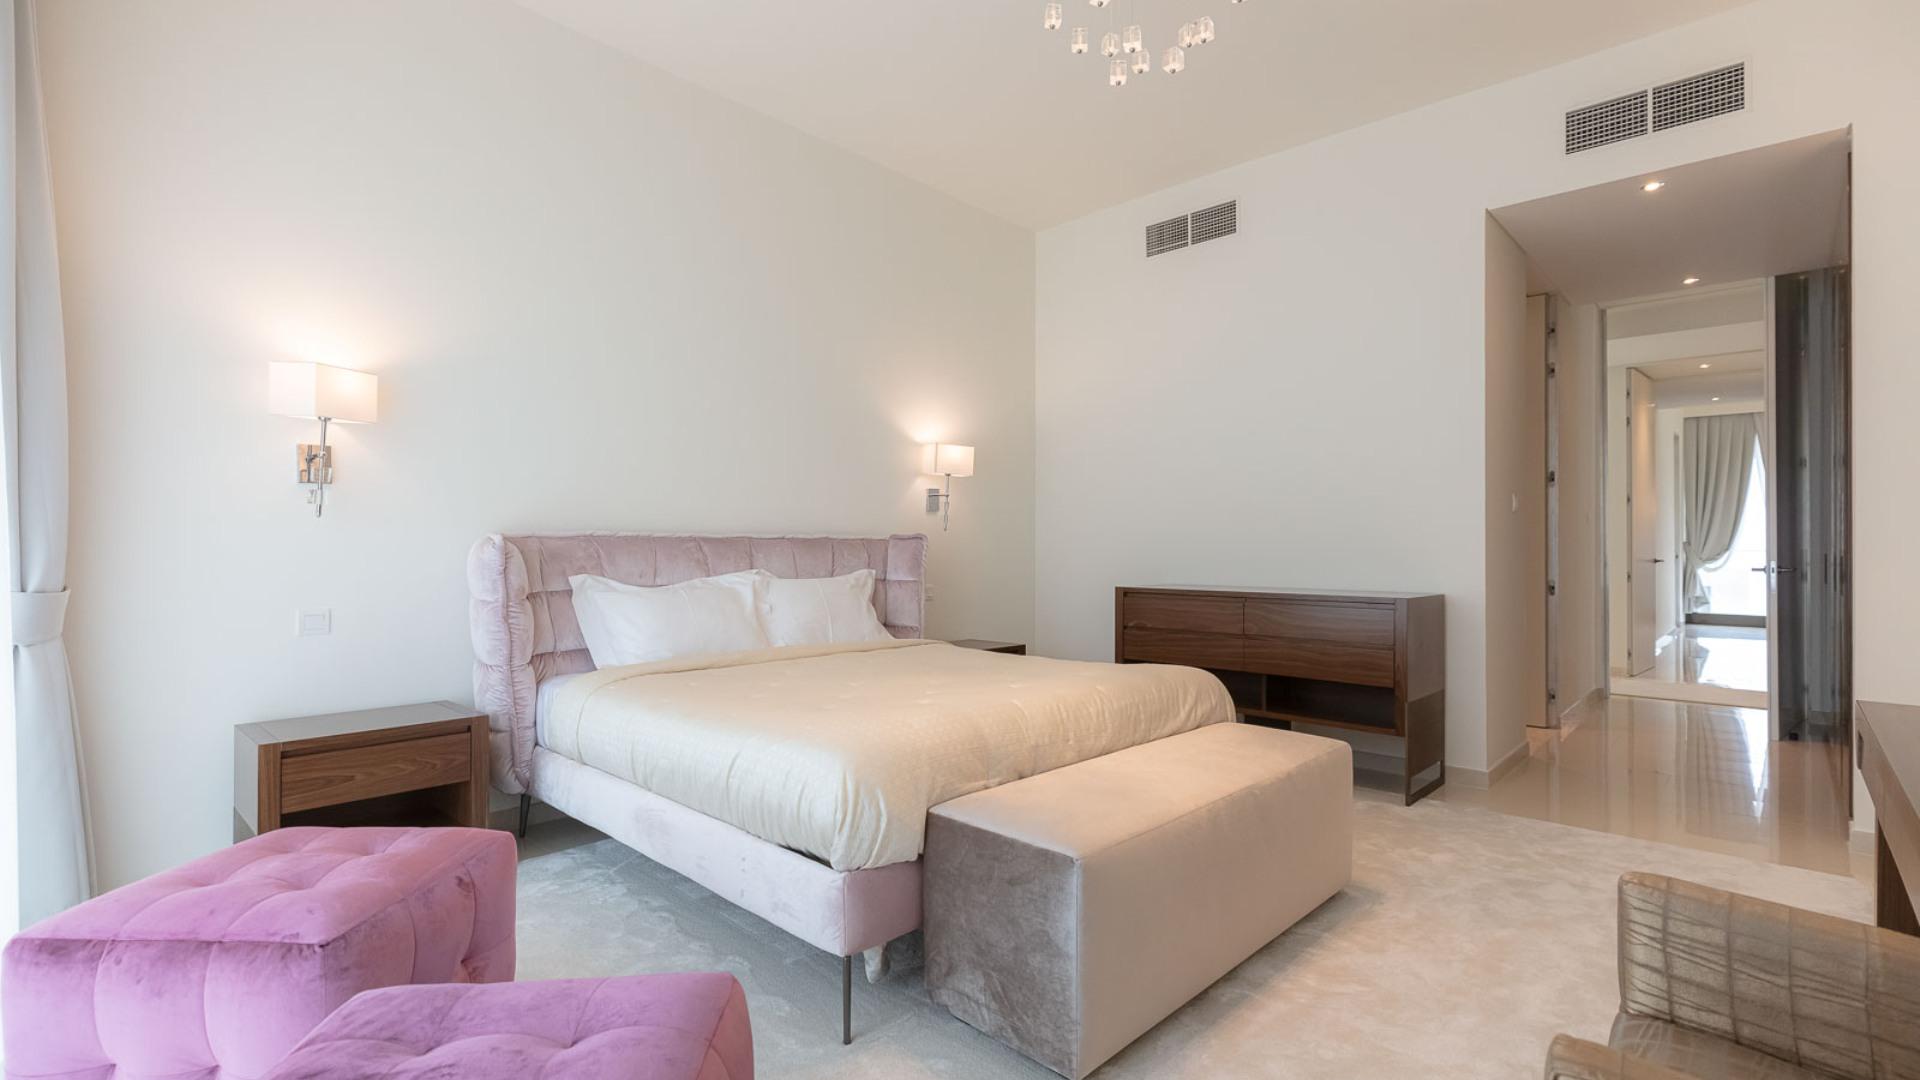 Villa en venta en Dubai, EAU, 7 dormitorios, 921 m2, № 24638 – foto 2